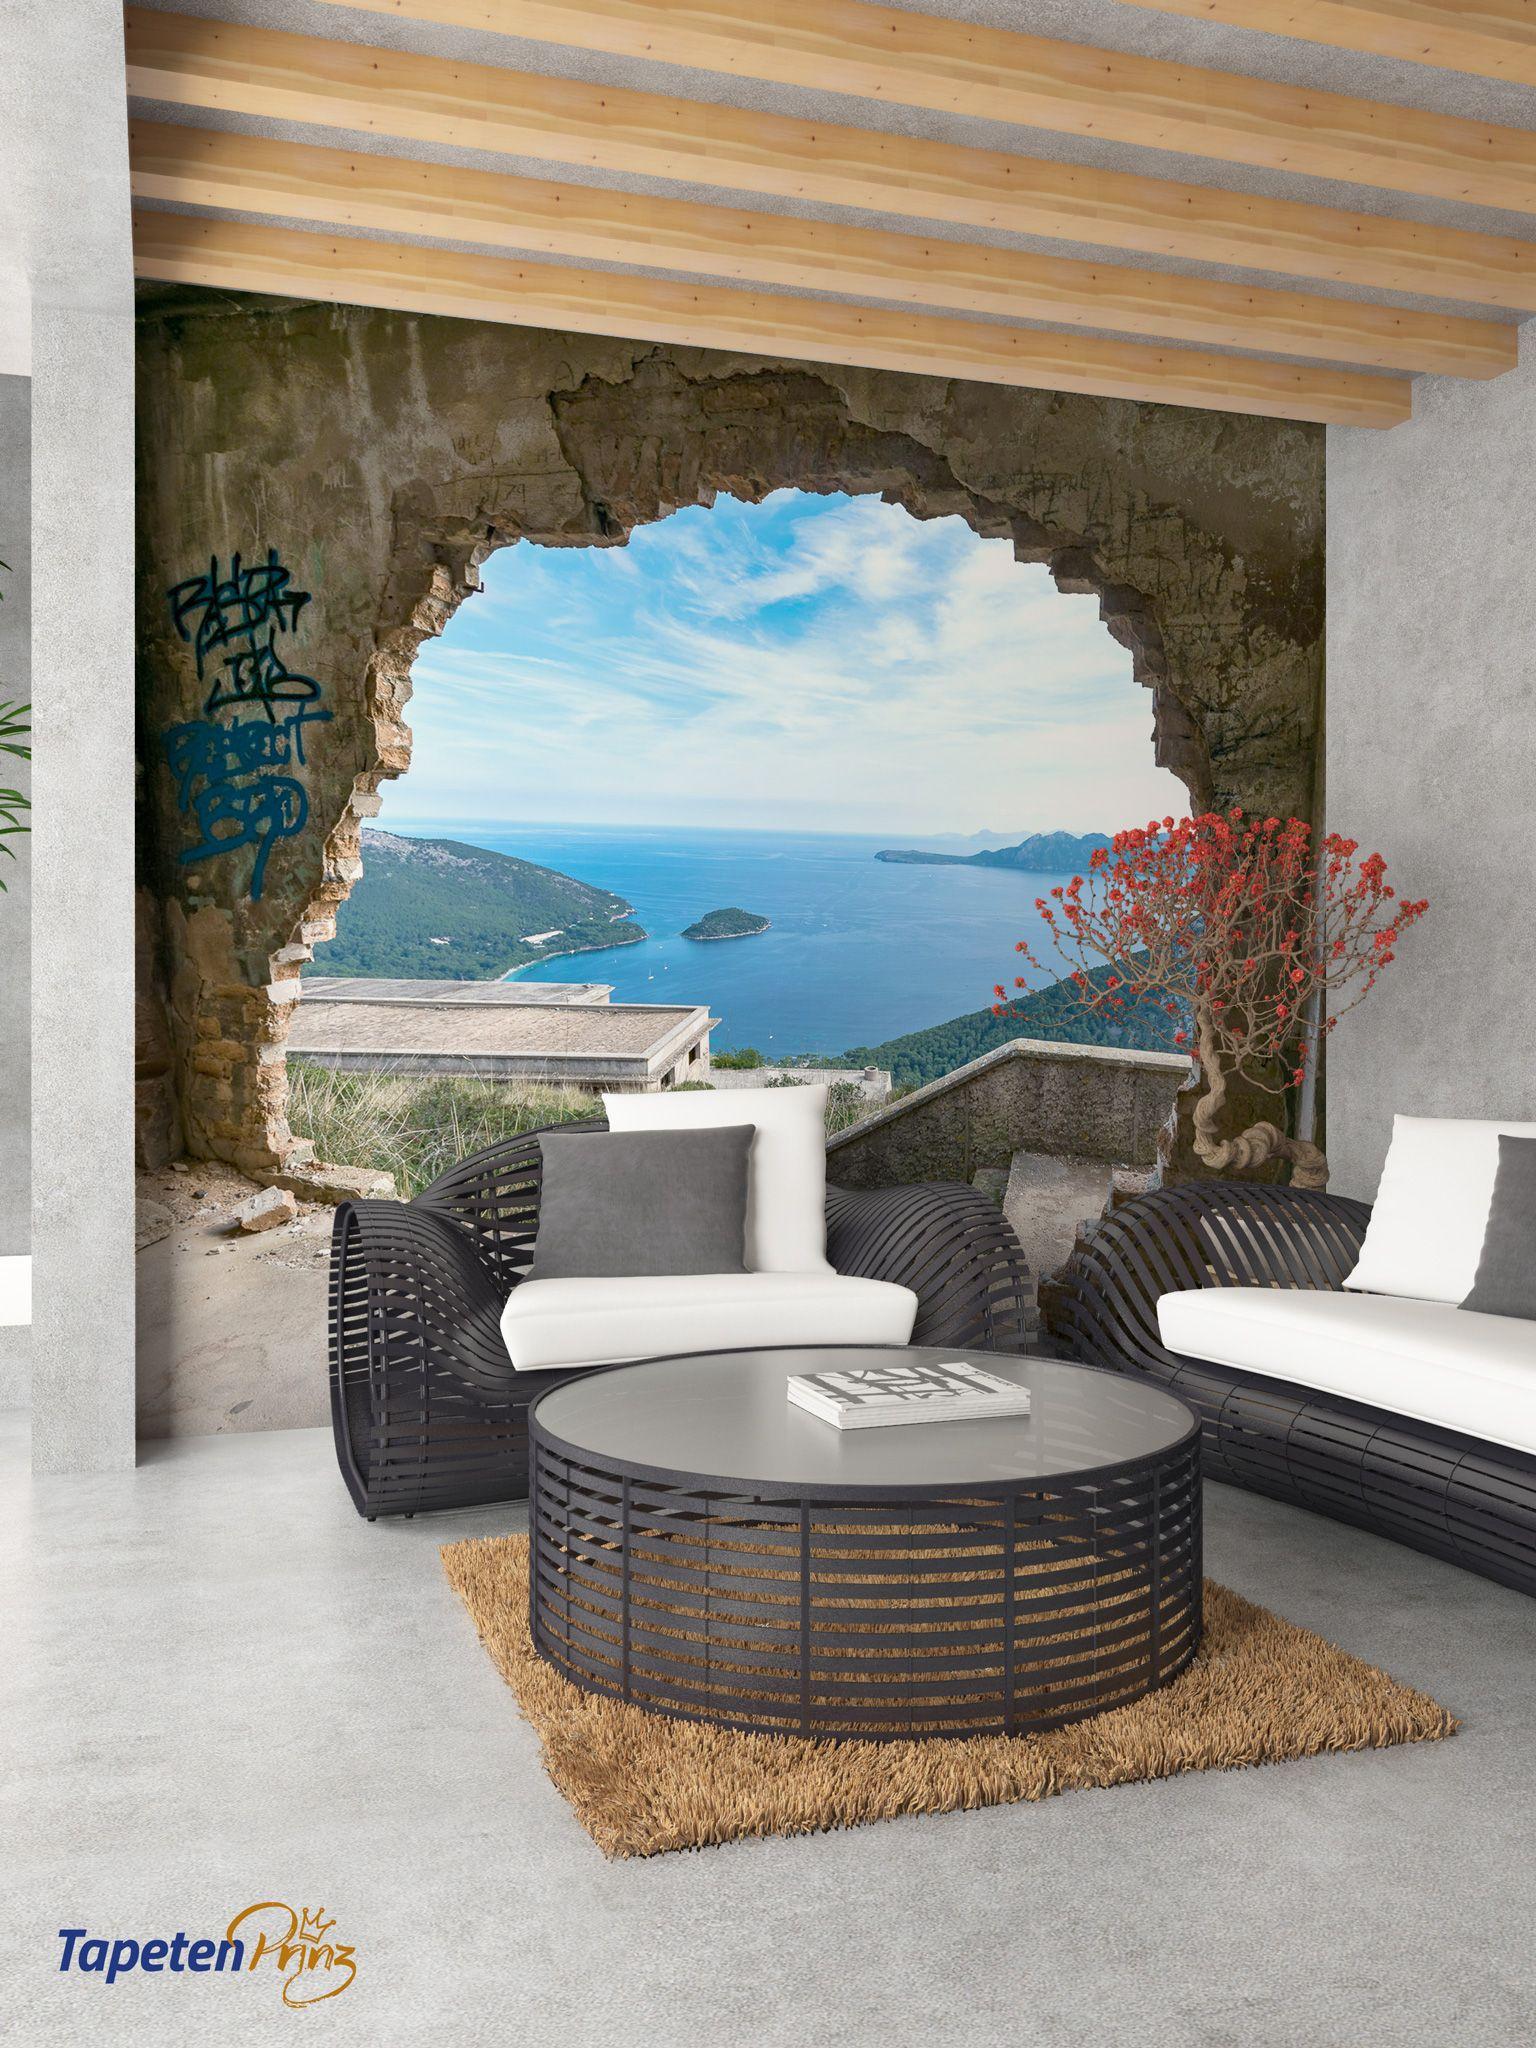 fototapete mallorca mauer durchbruch ein motiv zwei perspektiven an der badewanne wurde das. Black Bedroom Furniture Sets. Home Design Ideas